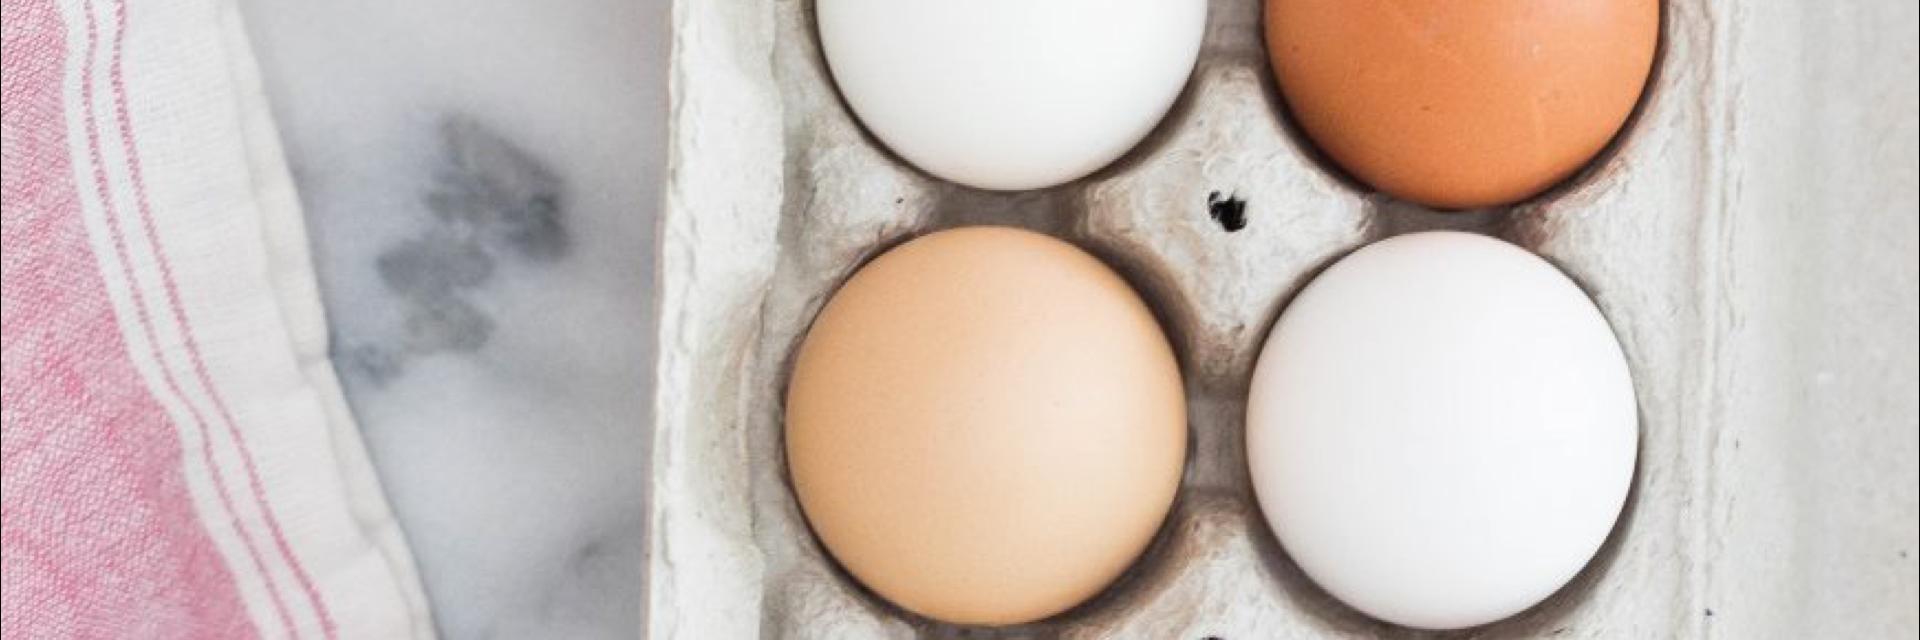 ¿Hay alimentos prohibidos para el colesterol elevado?